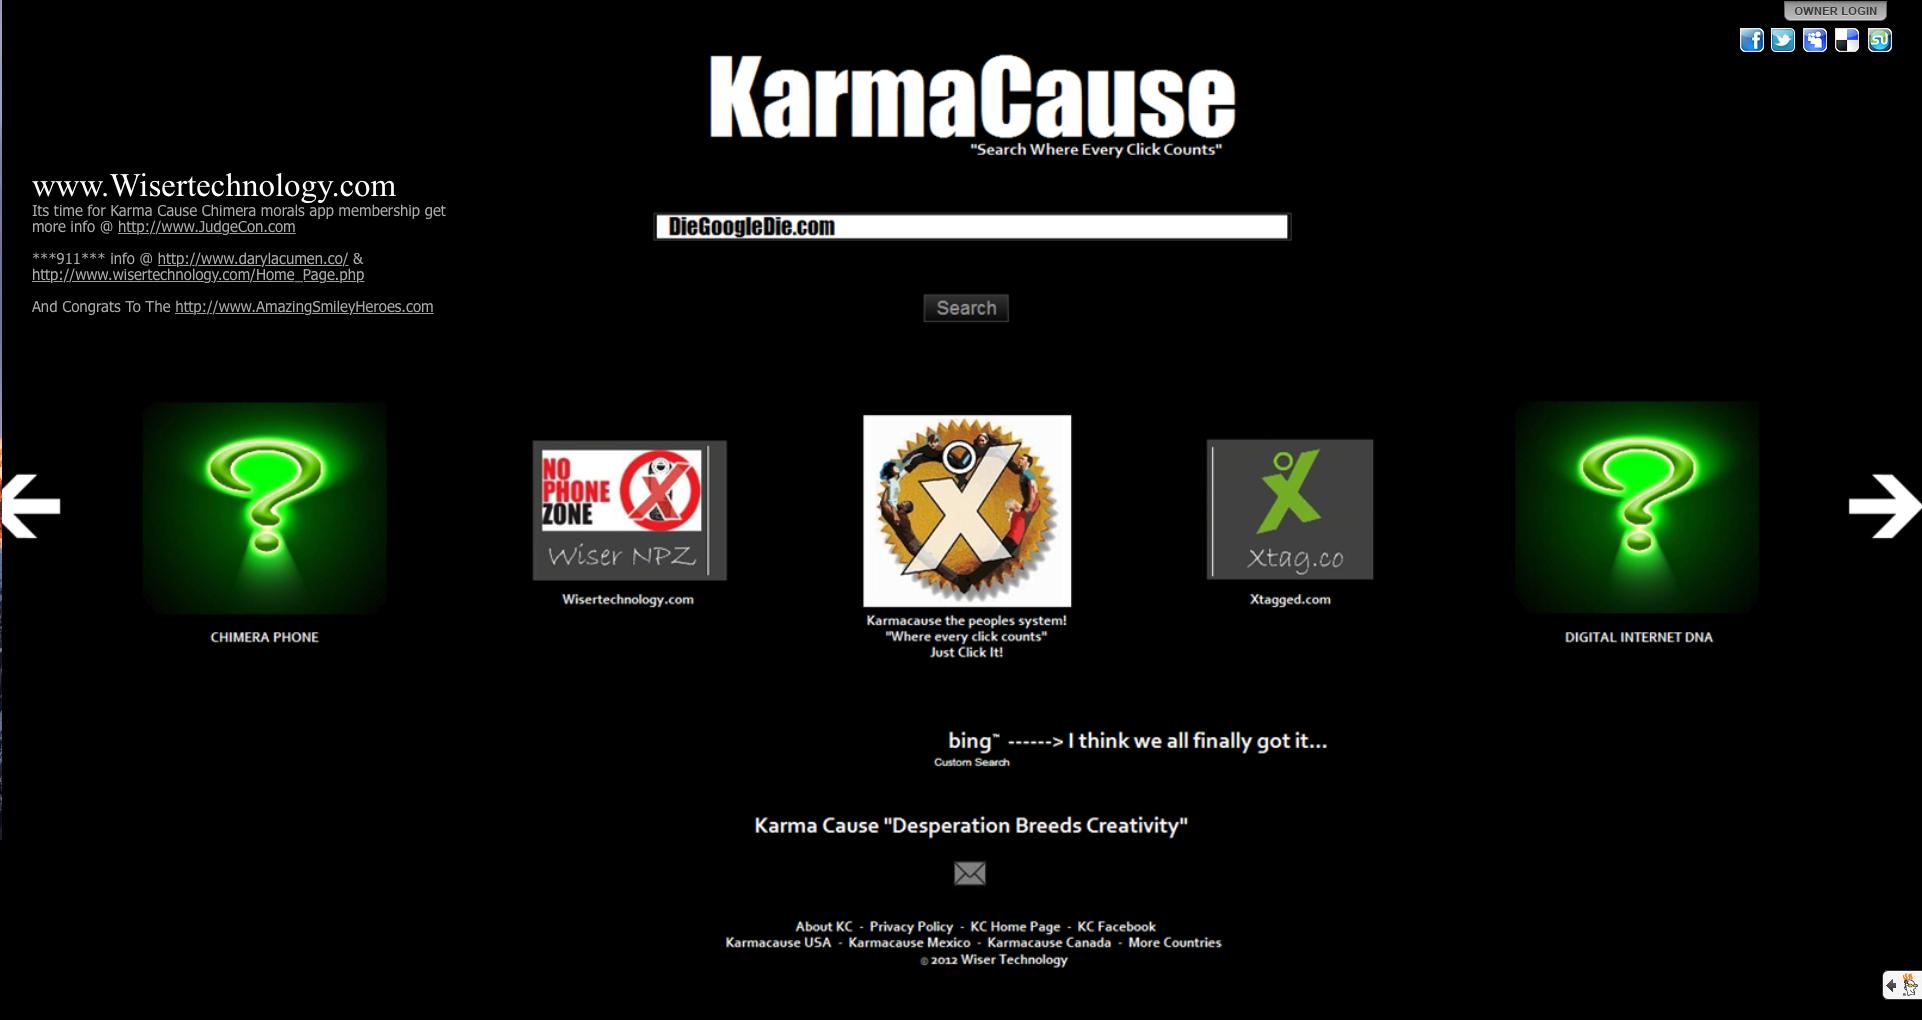 www.Karmacause.com